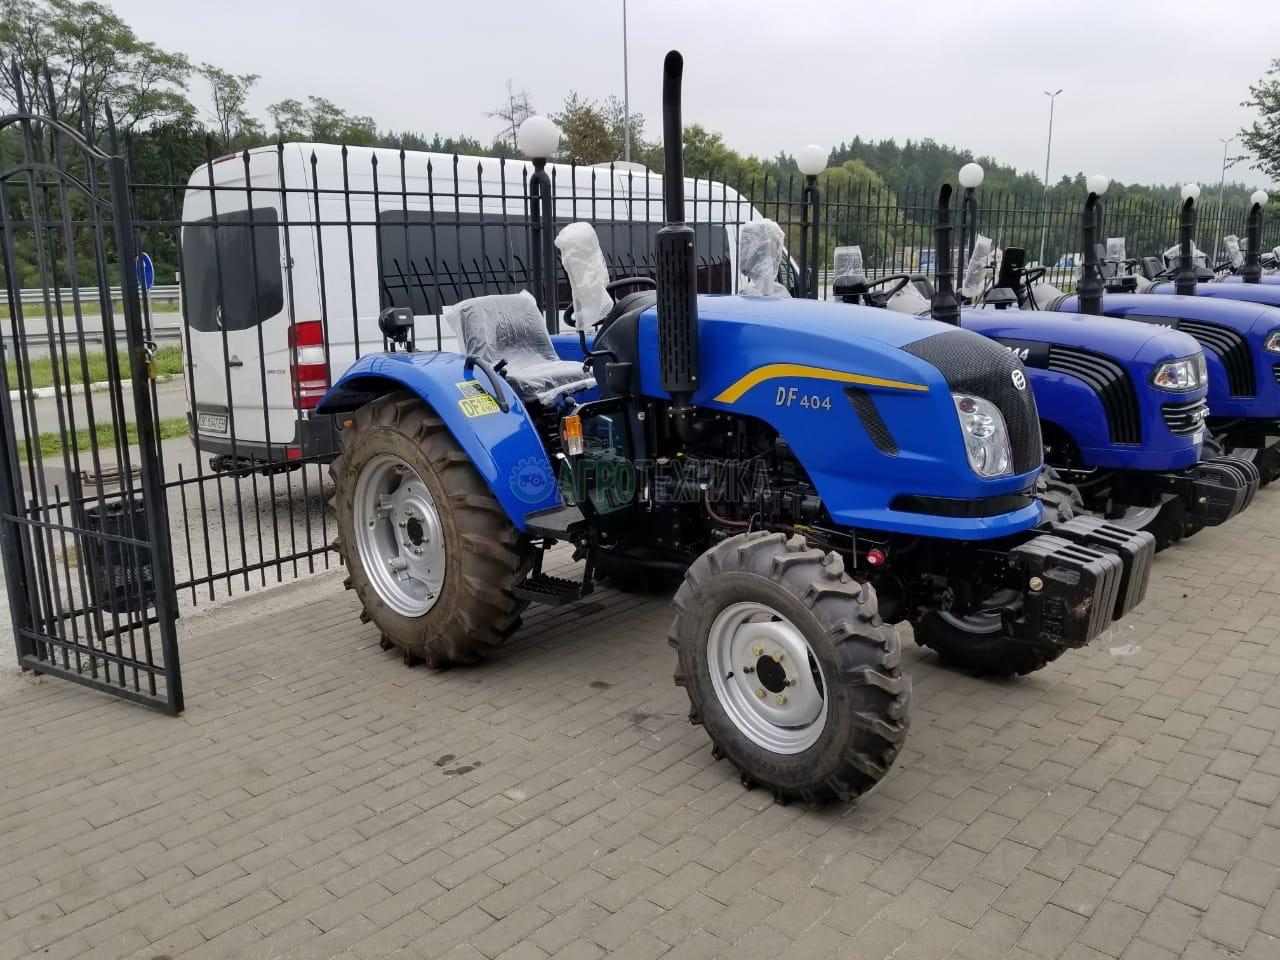 Минитрактор Dongfeng 404 DHL - цена в Украине  c230f99e8afda